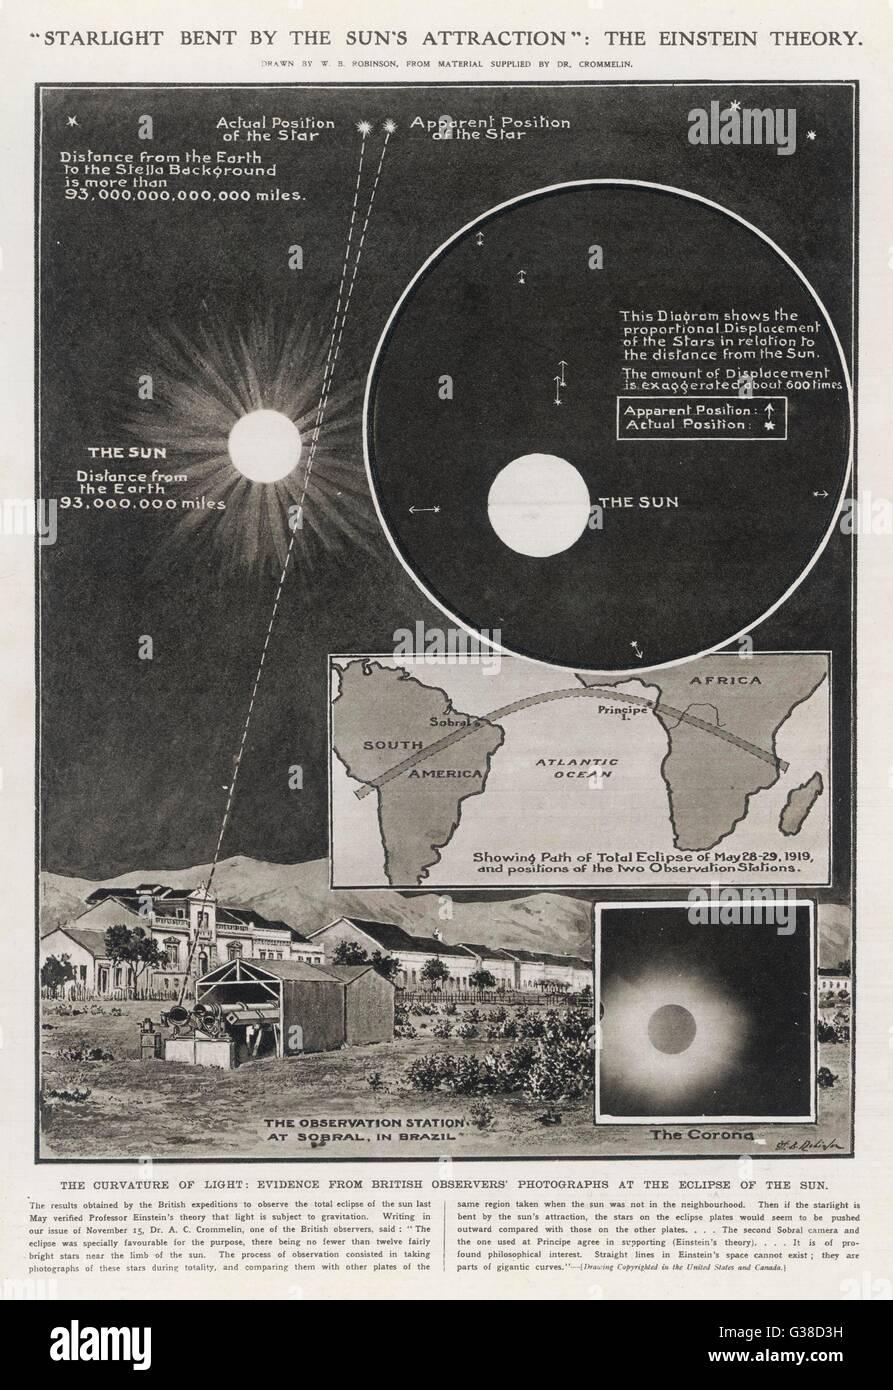 La curvatura della luce : prove da osservatori britannico 'fotografie presso l'eclisse totale di sole. Data: Immagini Stock